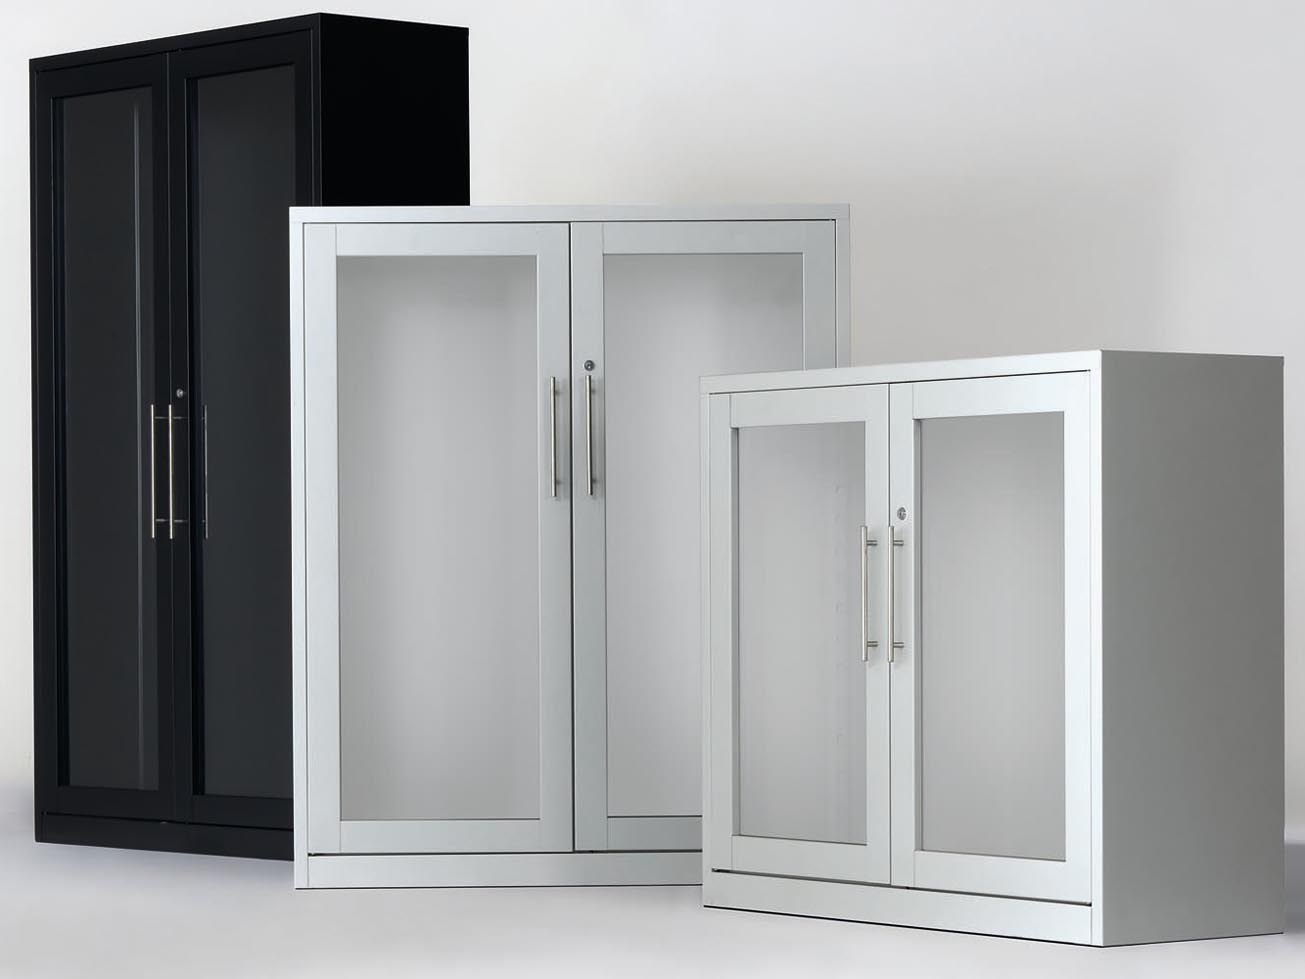 Armario puertas cristal abatibles coprohi for Armarios puertas abatibles